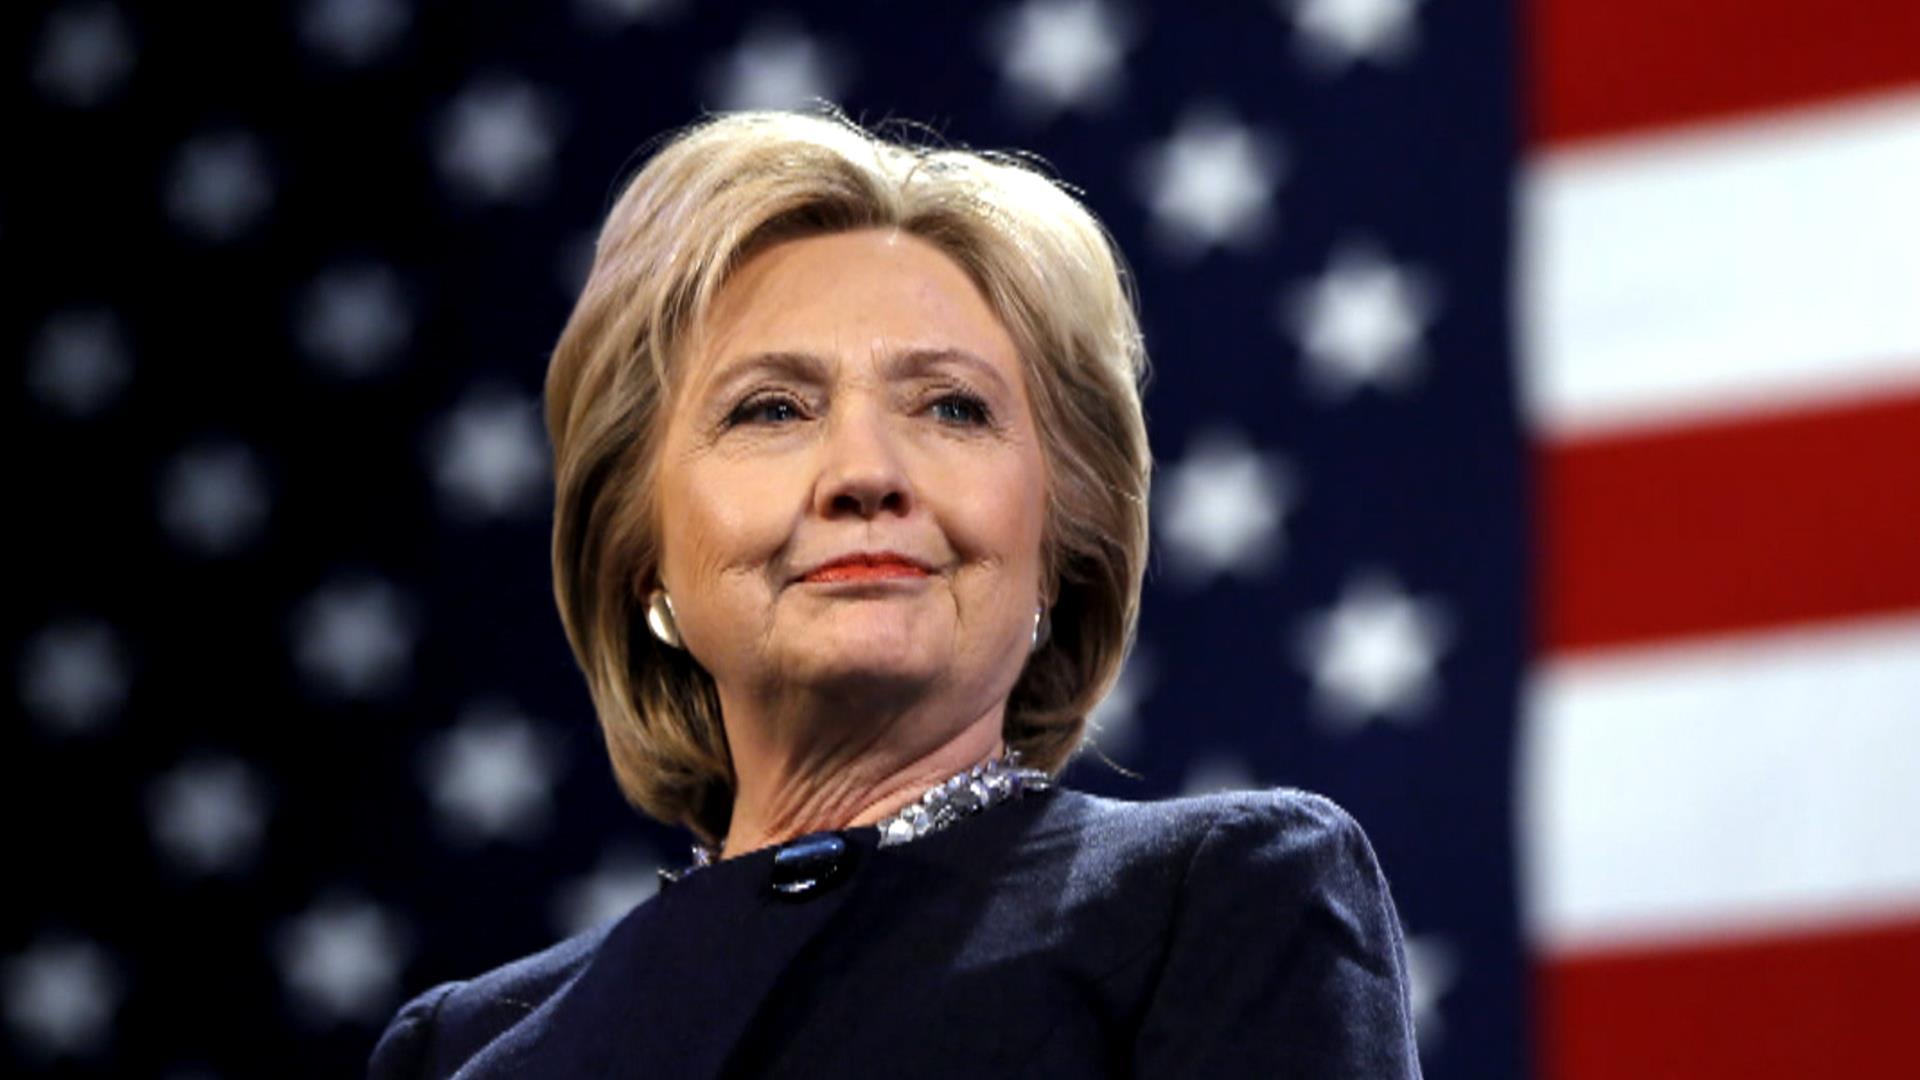 Arsip Email Hillary Clinton Sebut Perang Sunni Syiah Baik untuk Barat